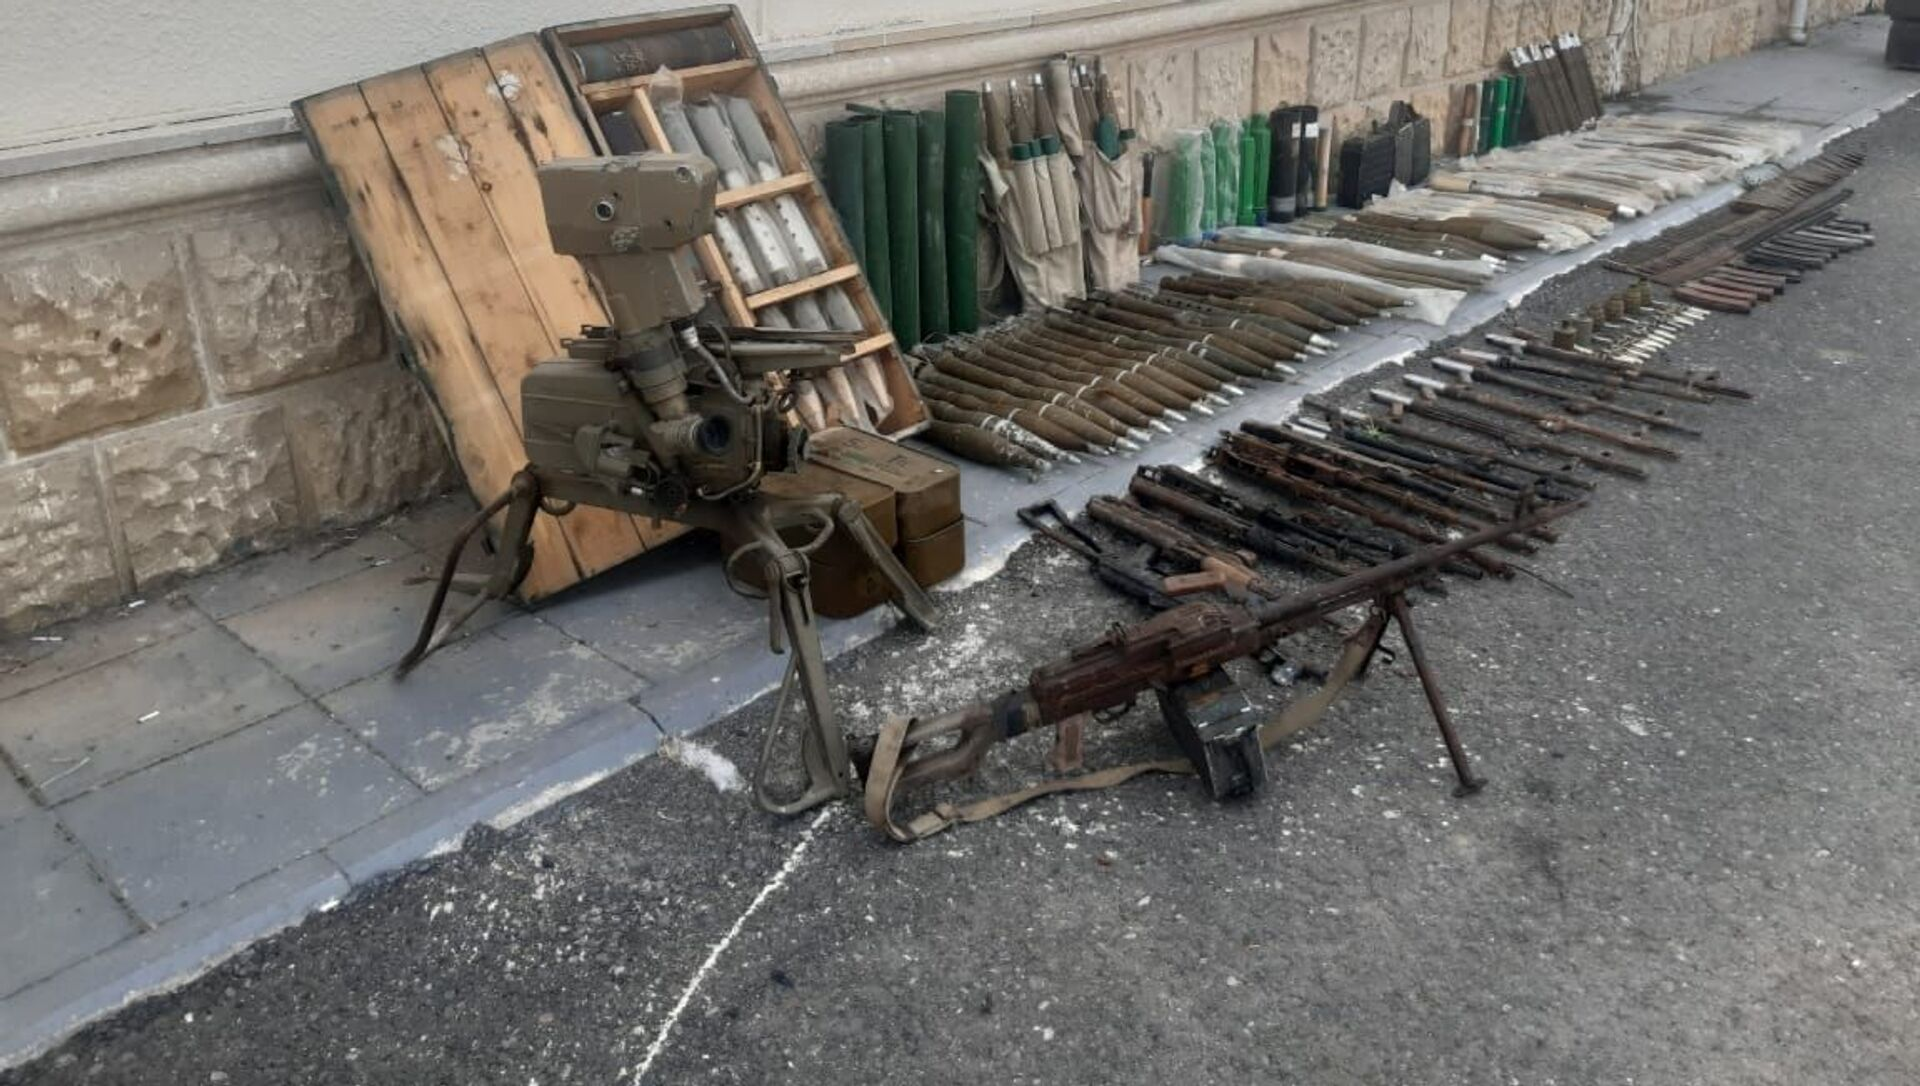 В Физули обнаружены боеприпасы, оставленные ВС Армении - Sputnik Азербайджан, 1920, 23.07.2021